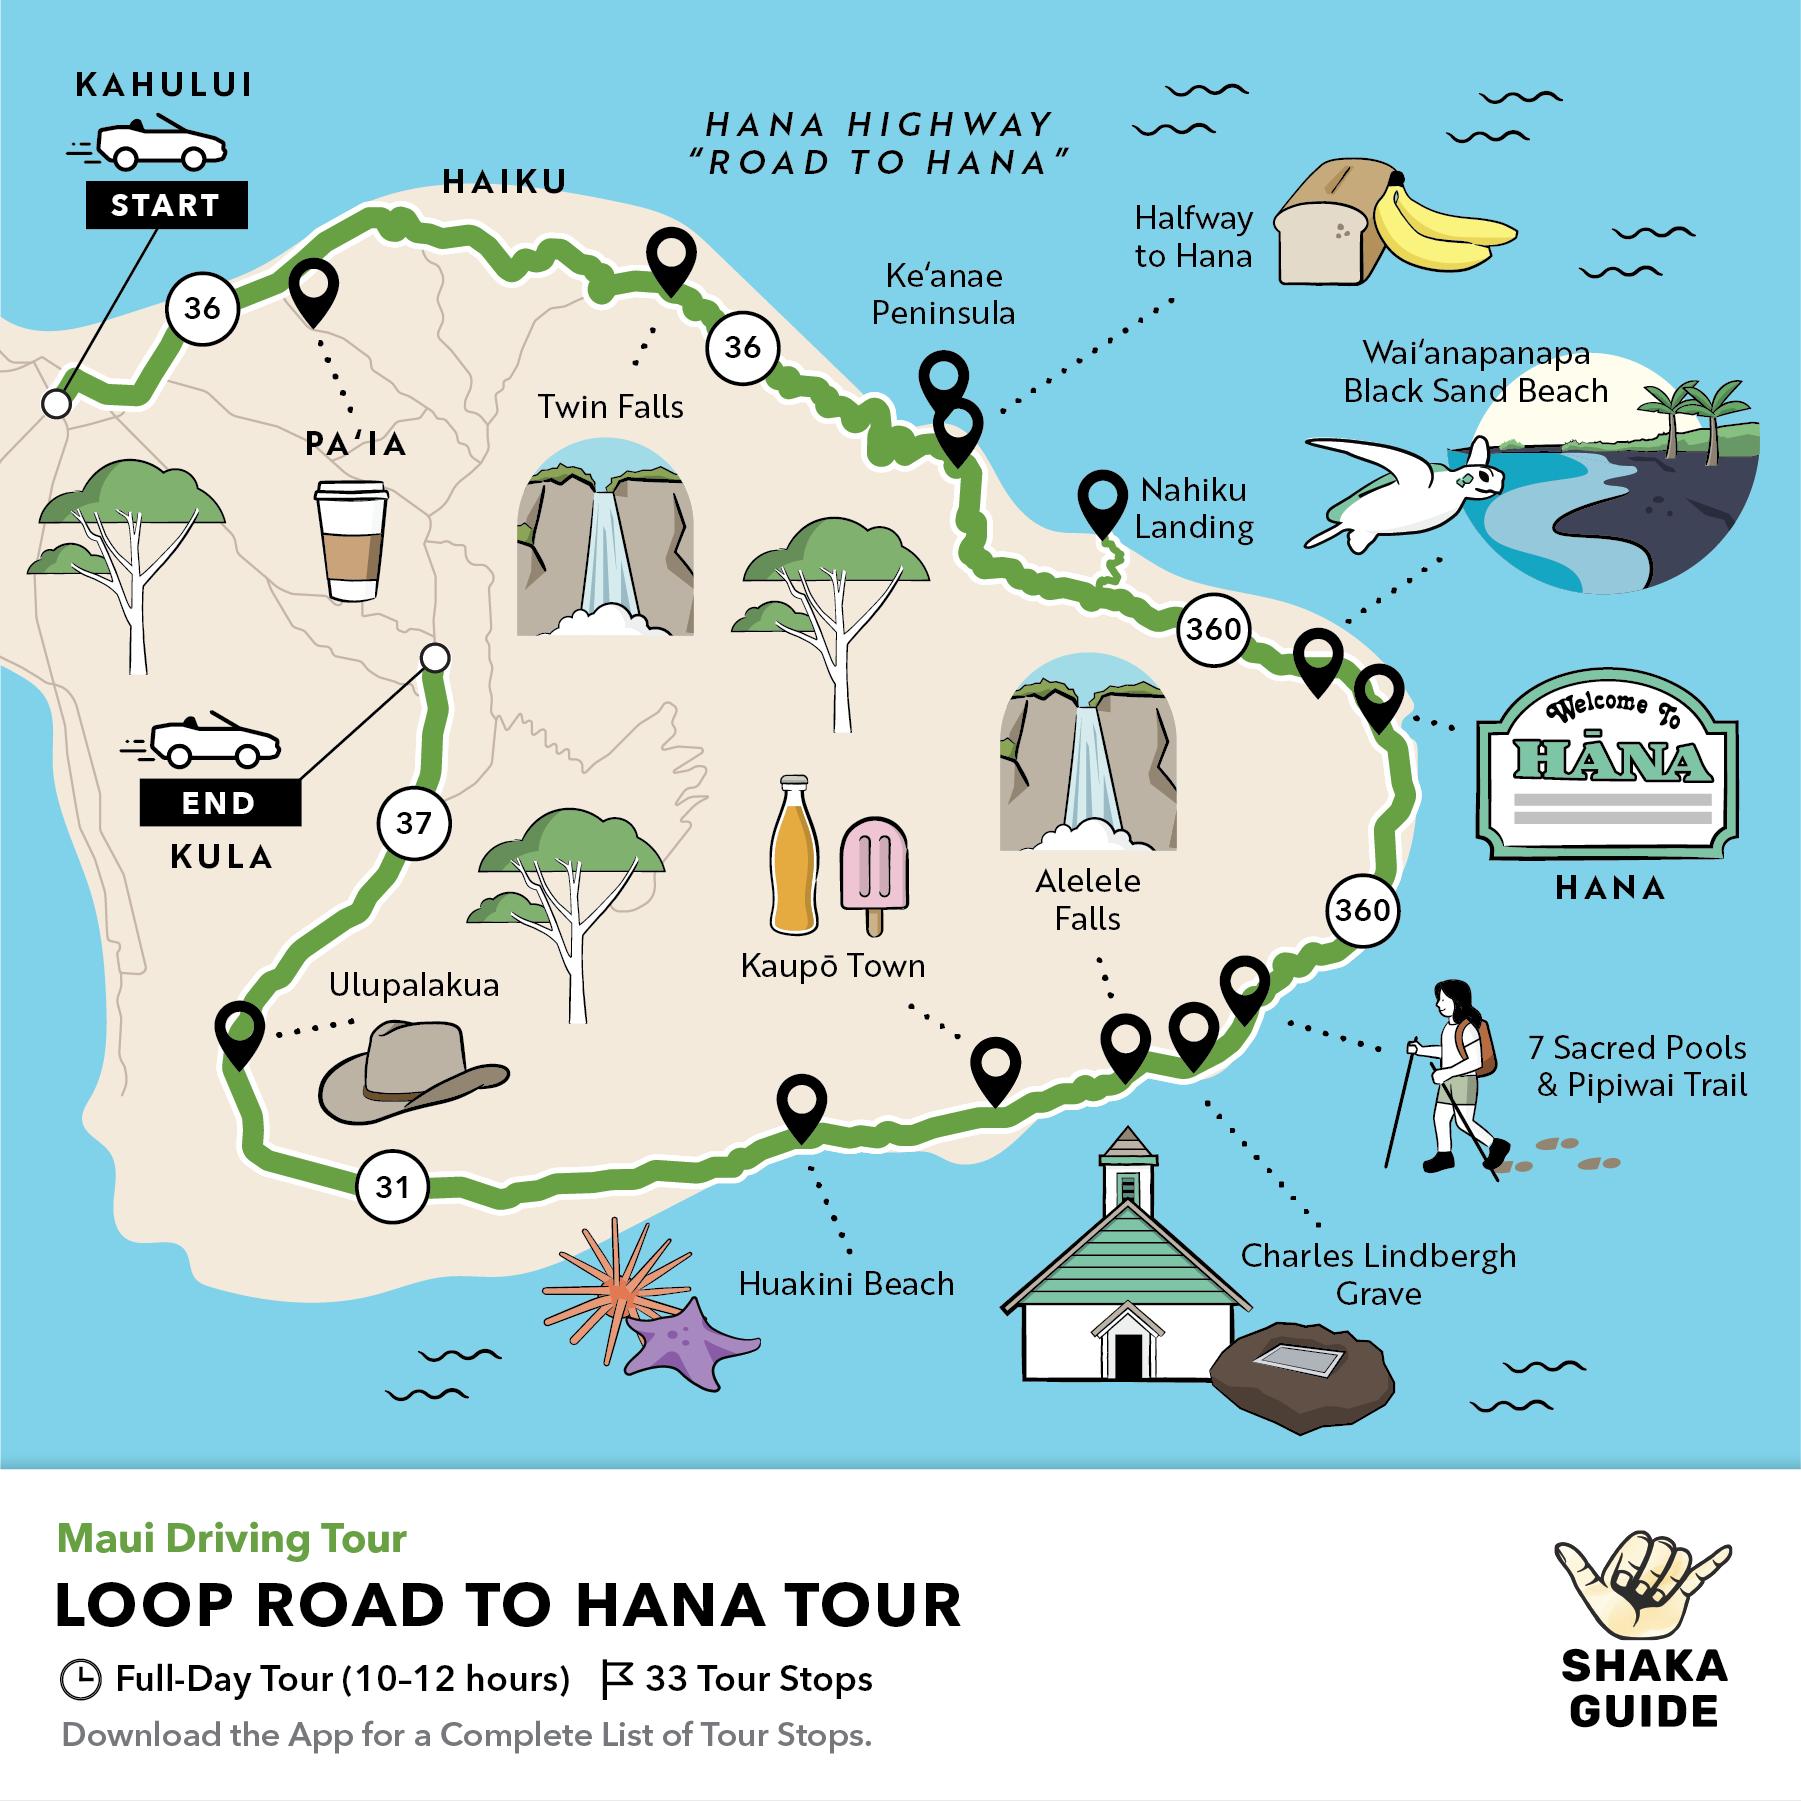 Shaka Guide's Loop Road to Hana Tour